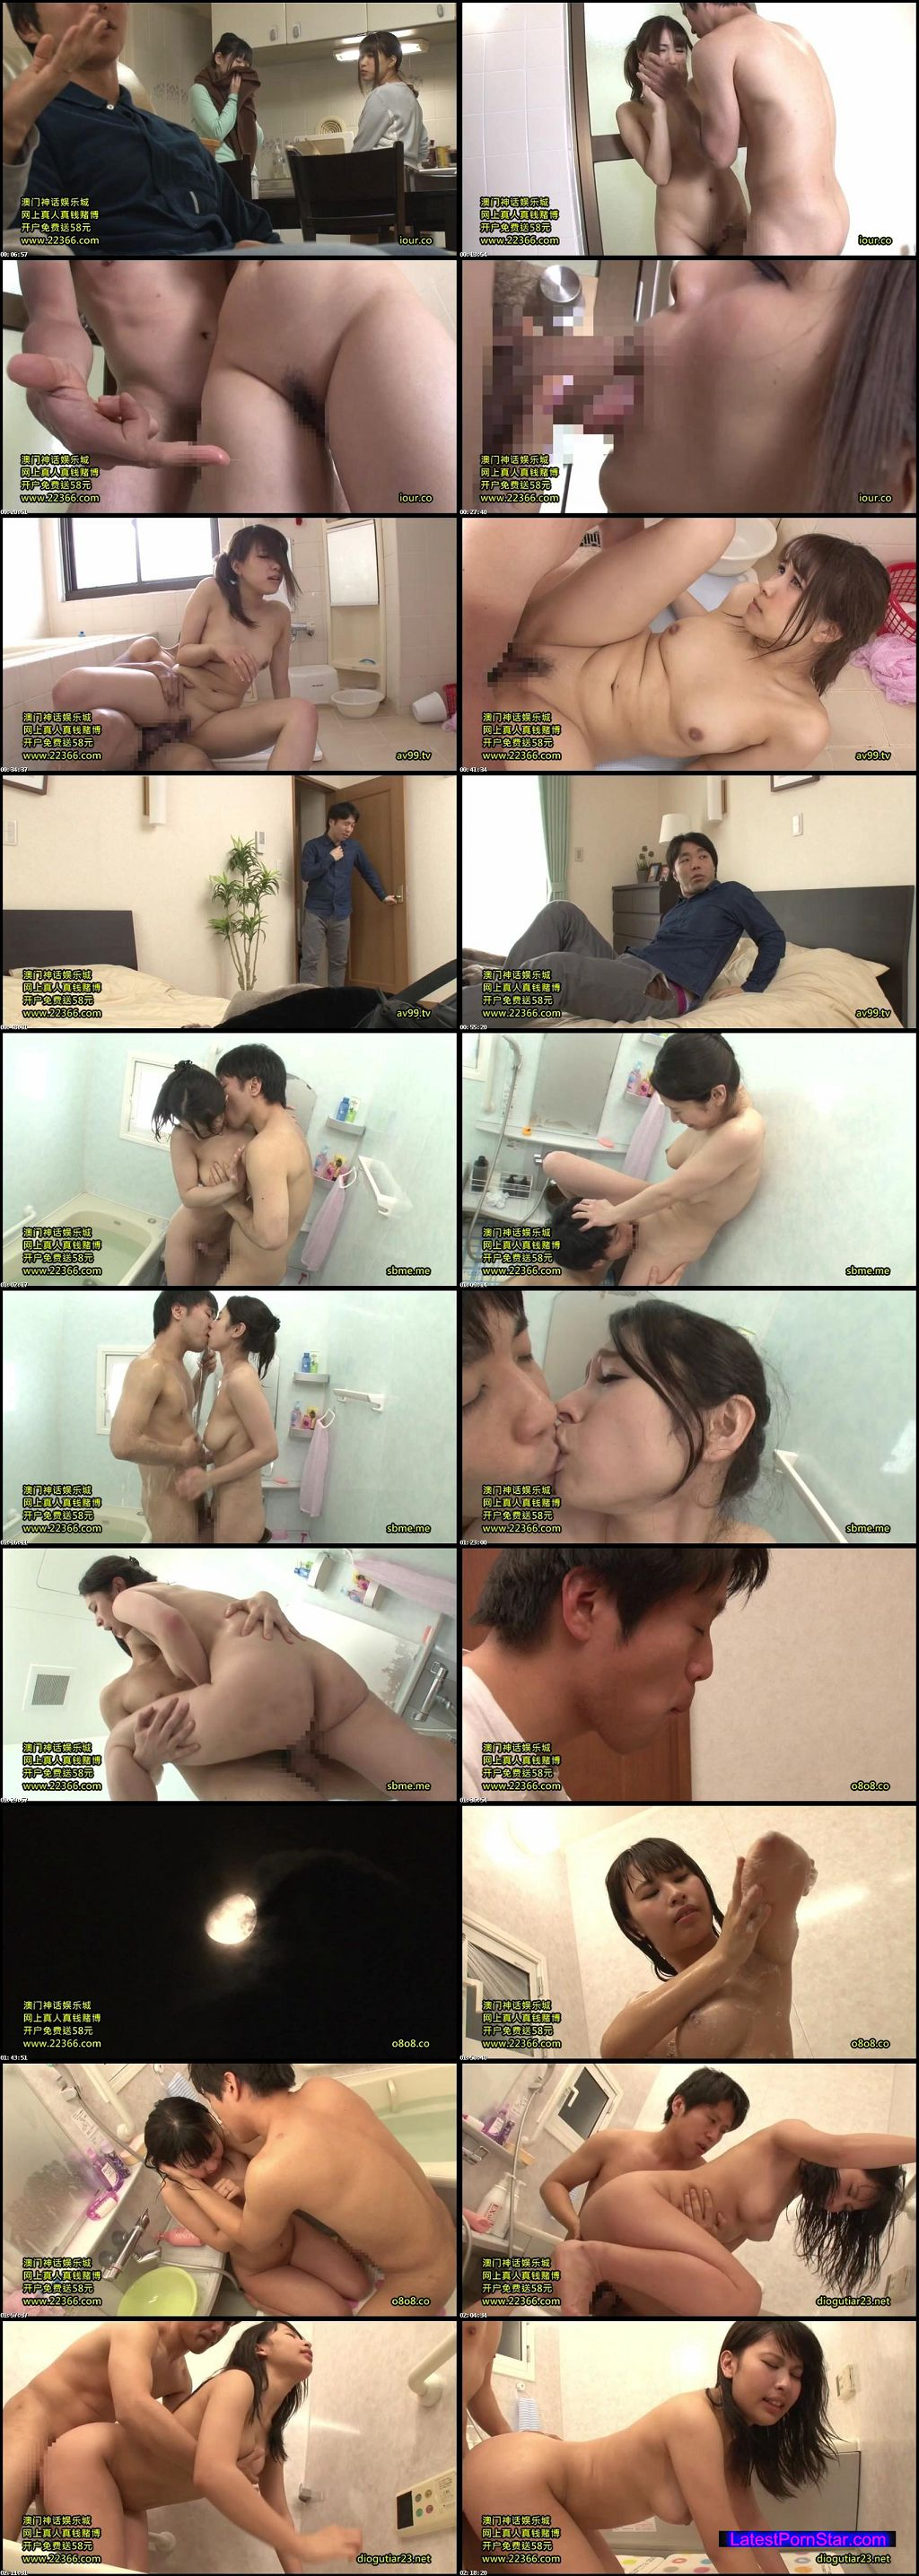 [FSET-628] 兄貴の嫁が入浴中なのにうっかり扉を開けてしまった俺